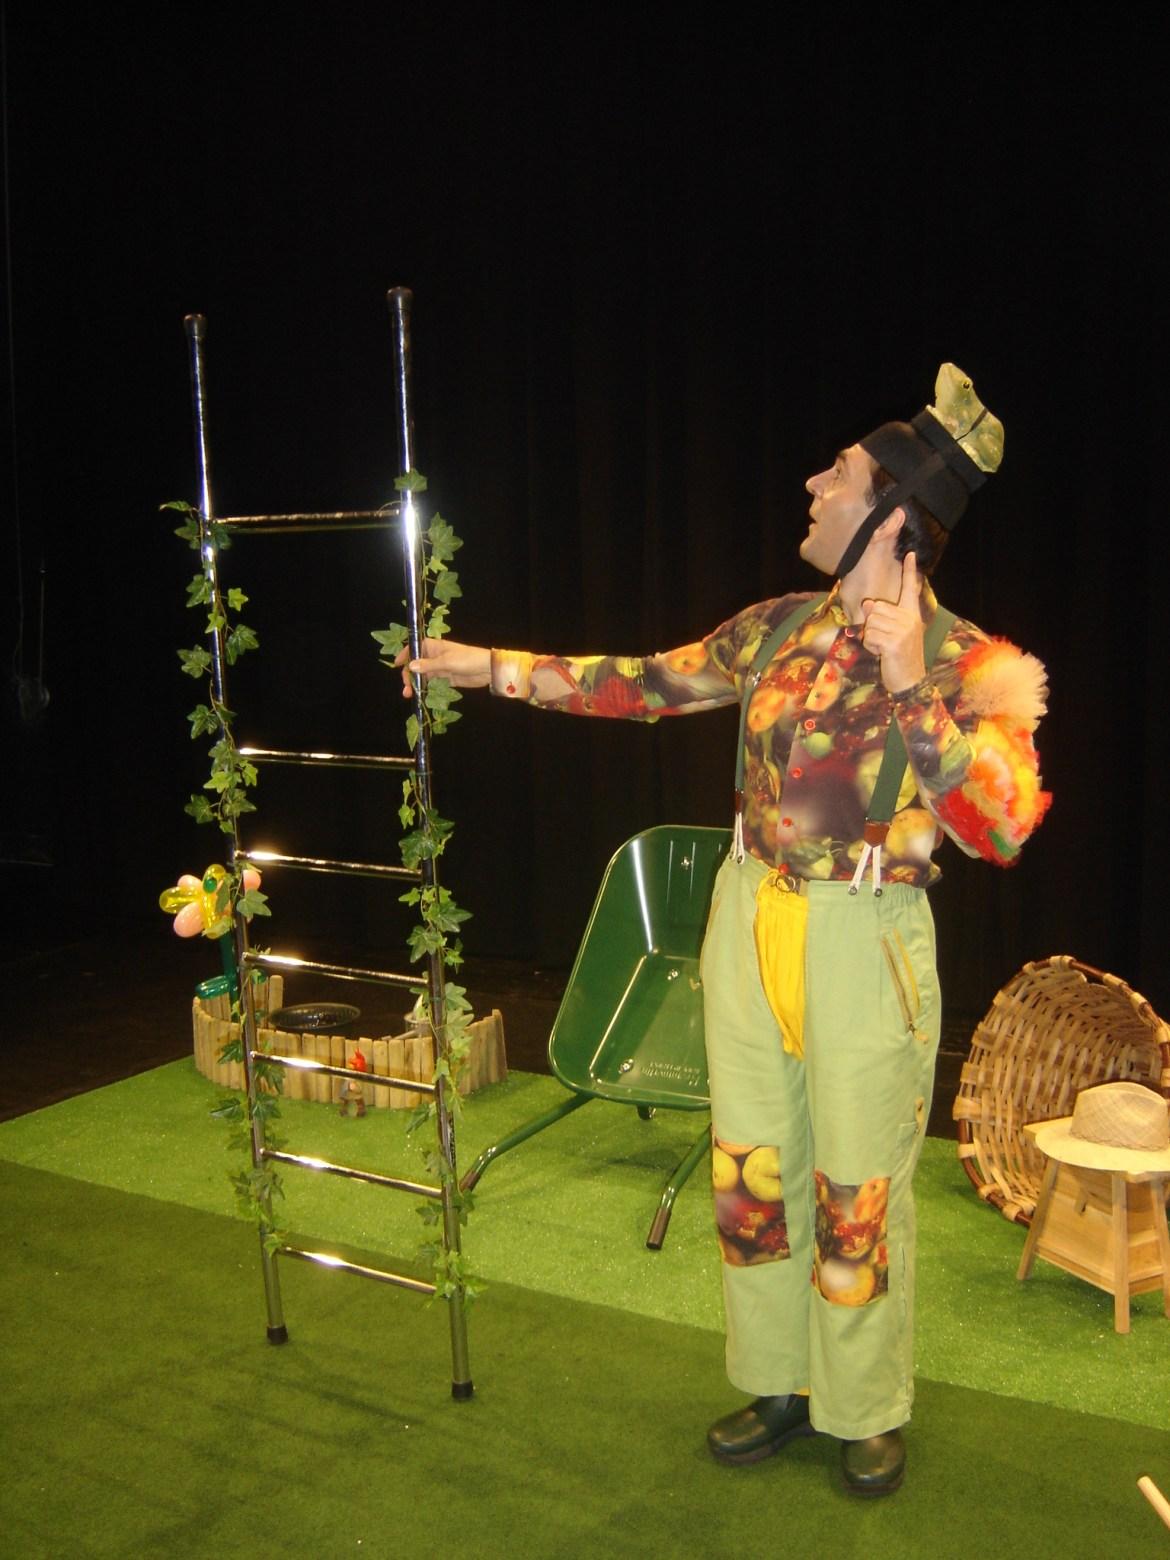 Un jardinier qui parle à son échelle d'équilibre cirkonflex